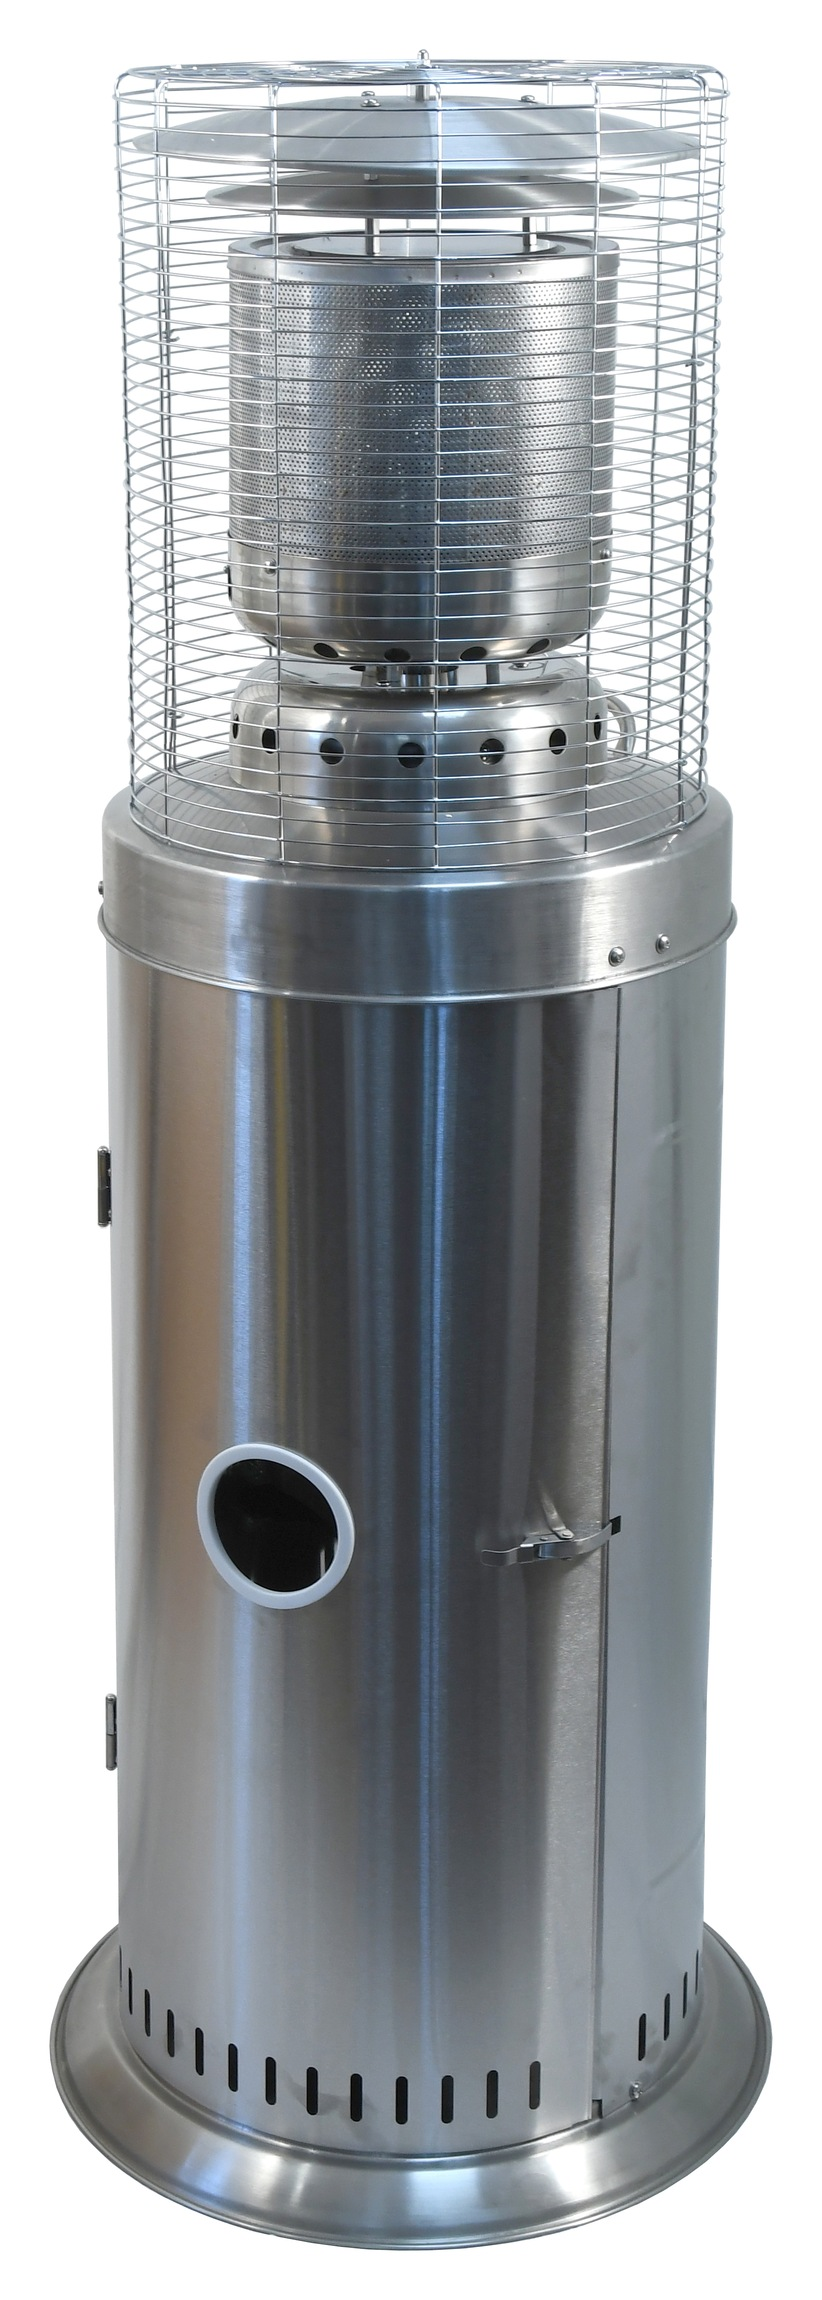 Plynový zářič SILVERINO 11kW 142cm s regulátorem